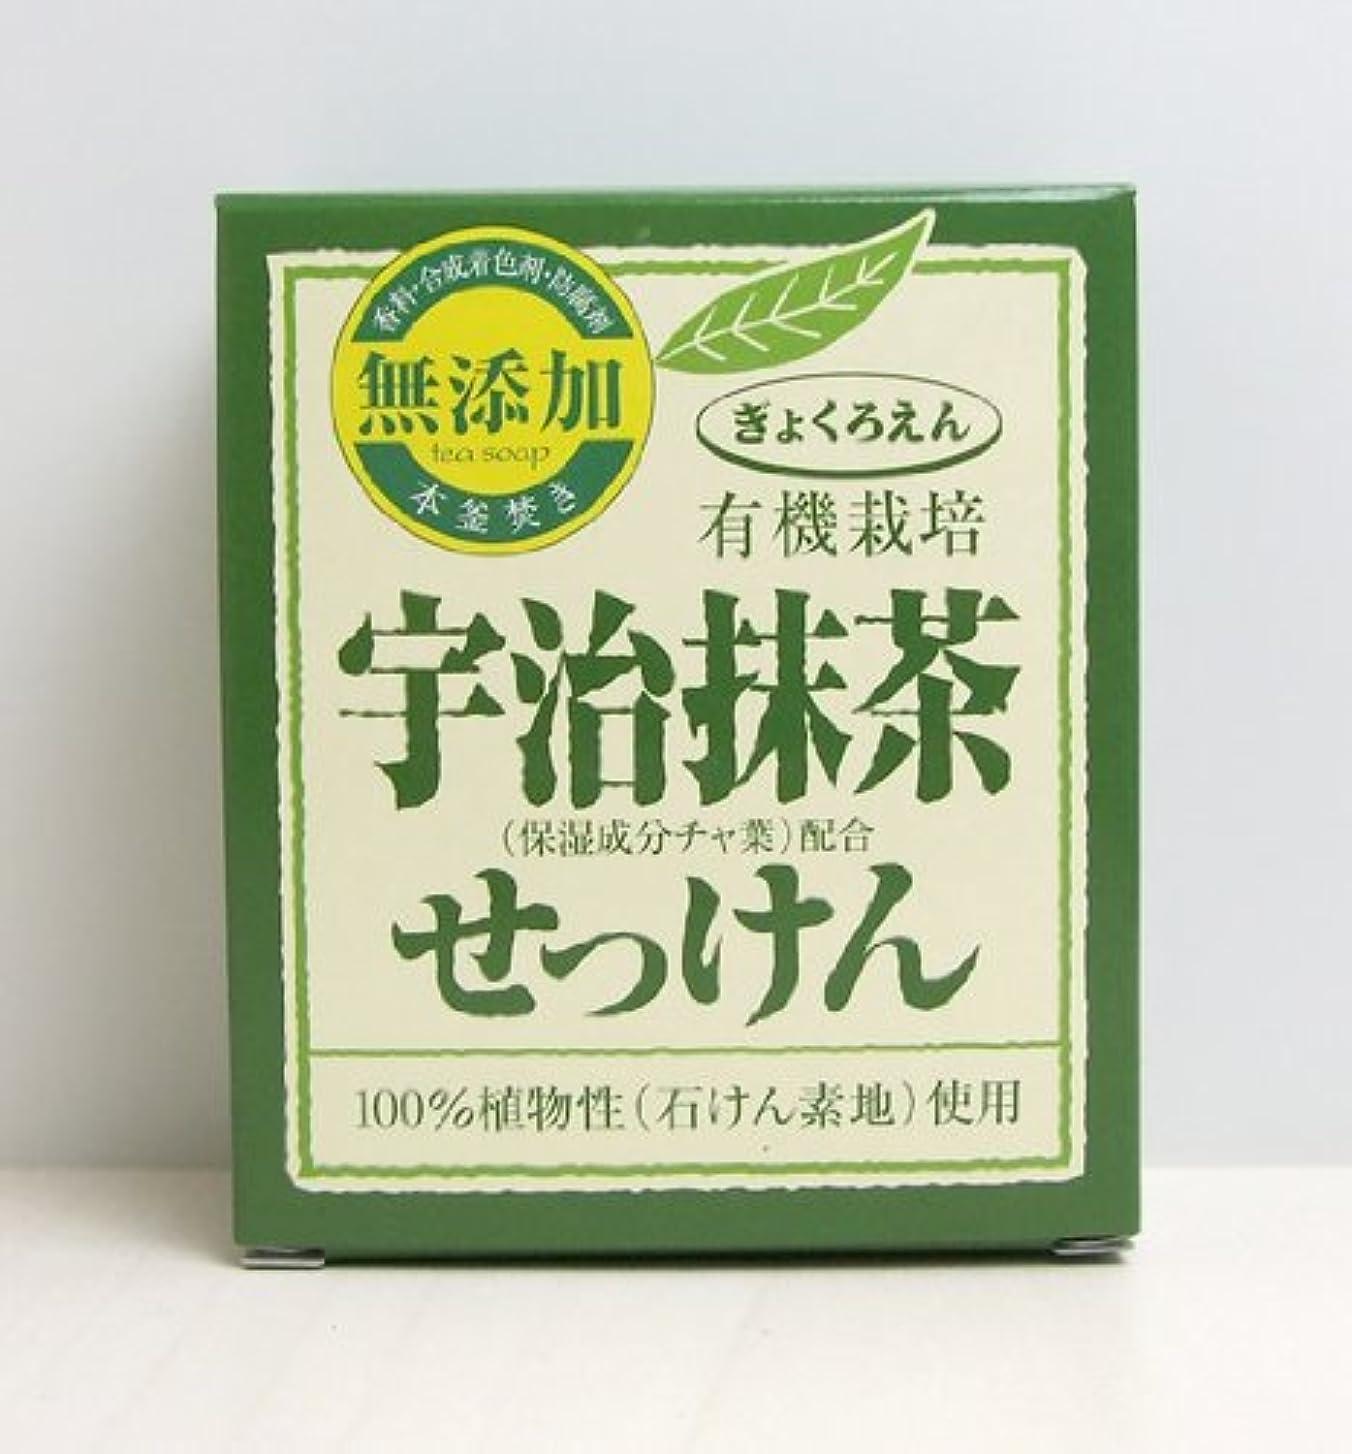 ジャズ南東これらお茶のせっけん:有機栽培宇治抹茶せっけん